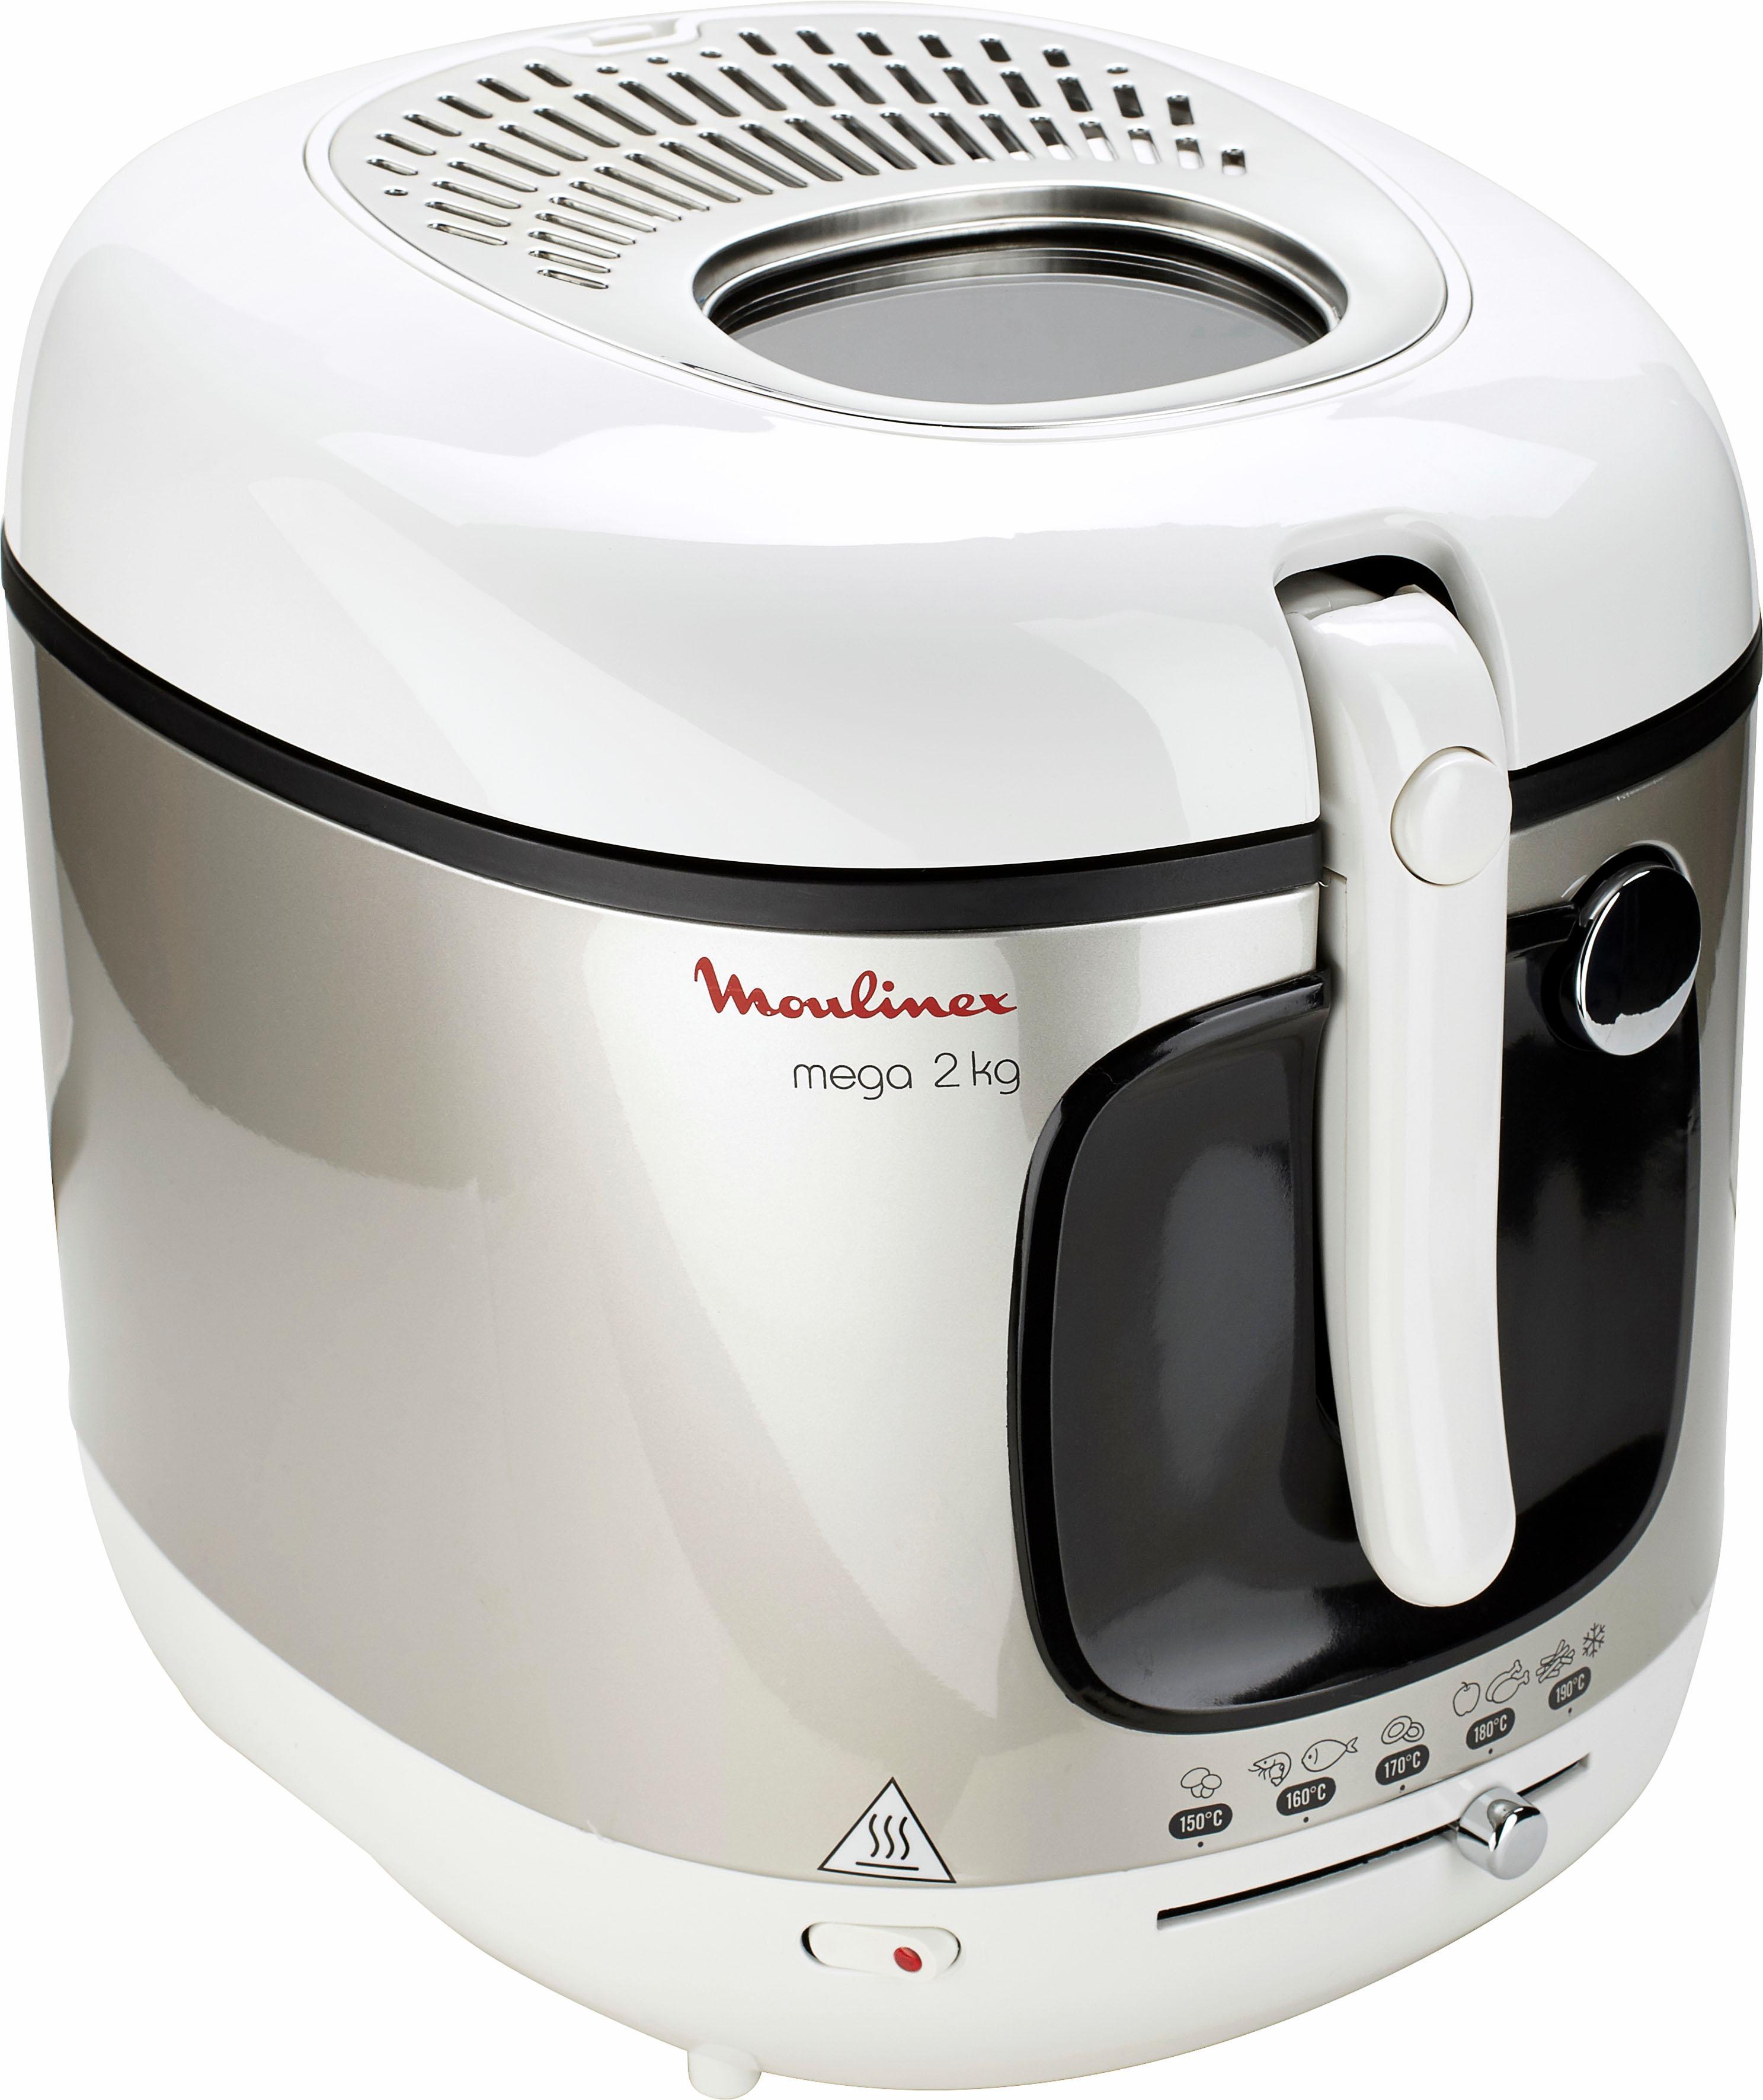 Moulinex Fritteuse Mega AM4800, 2100 Watt, Fassungsvermögen 3, 3 Liter | Küche und Esszimmer > Küchengeräte > Fritteusen | Moulinex